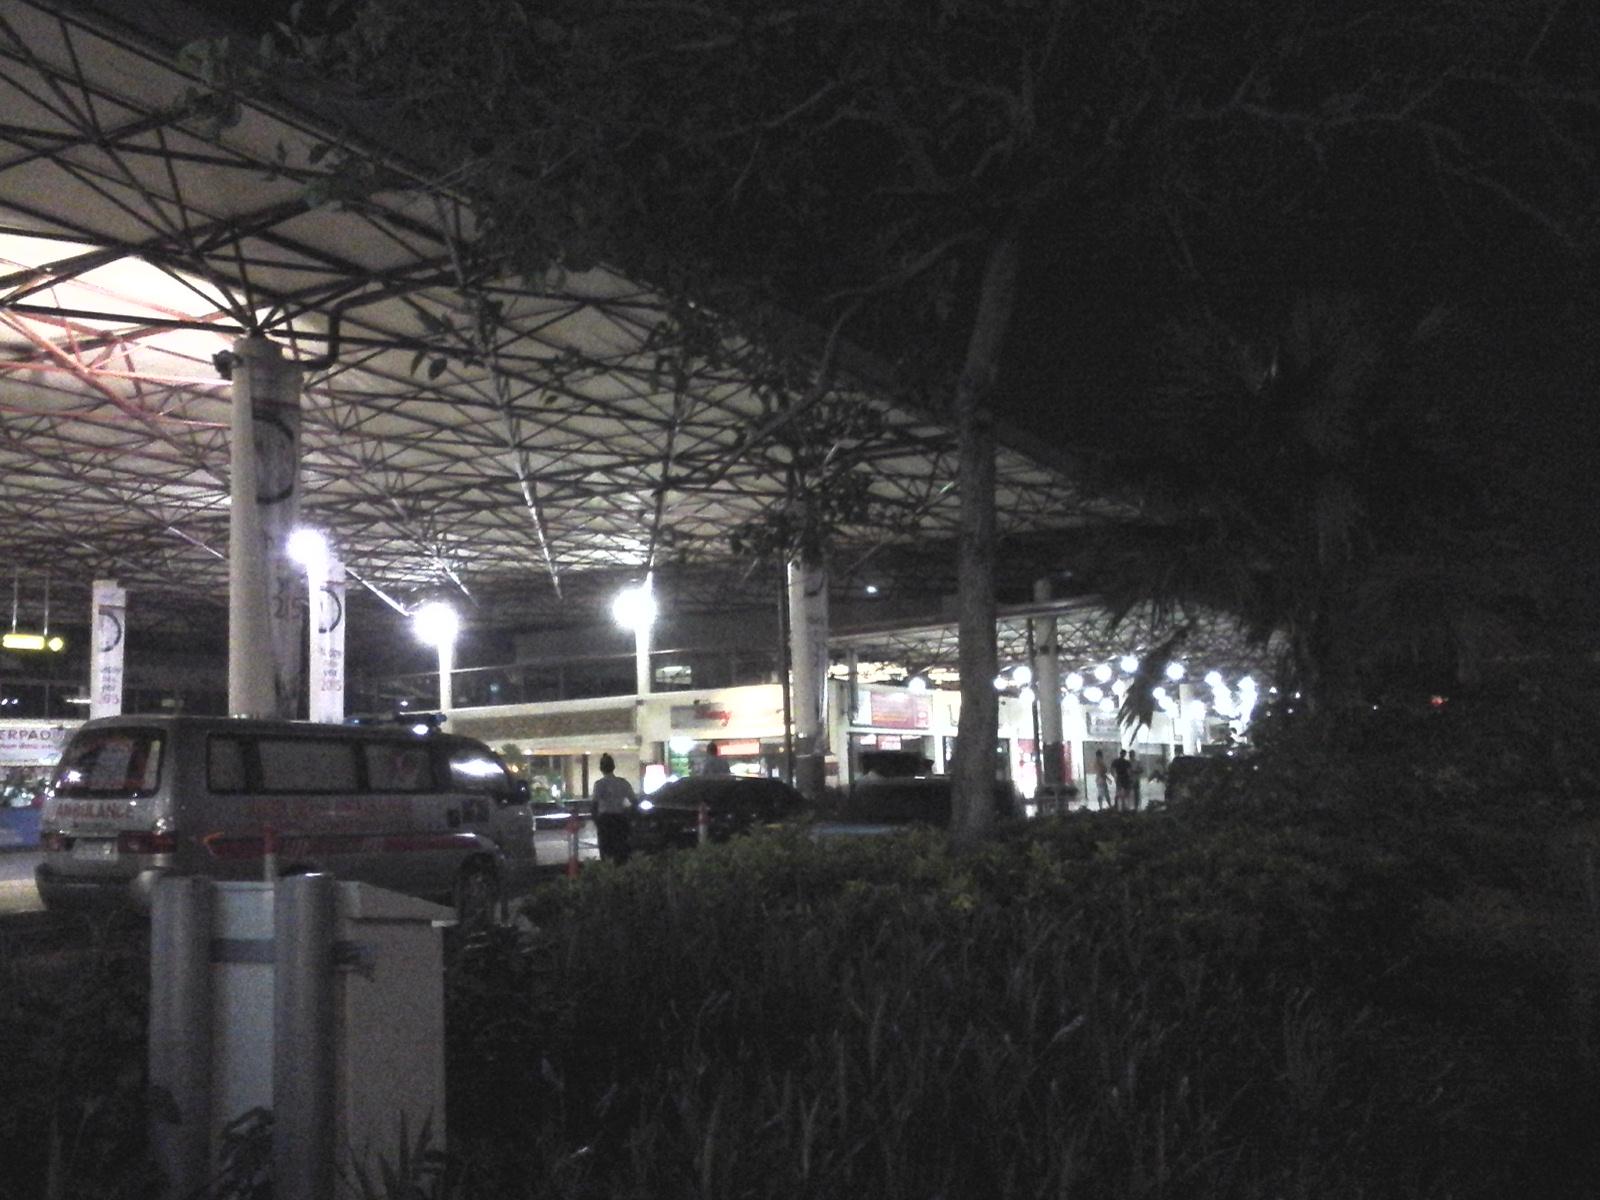 Bandara Juanda T1 dan T2 ditutup sementara, karena ada kerusakan Runway